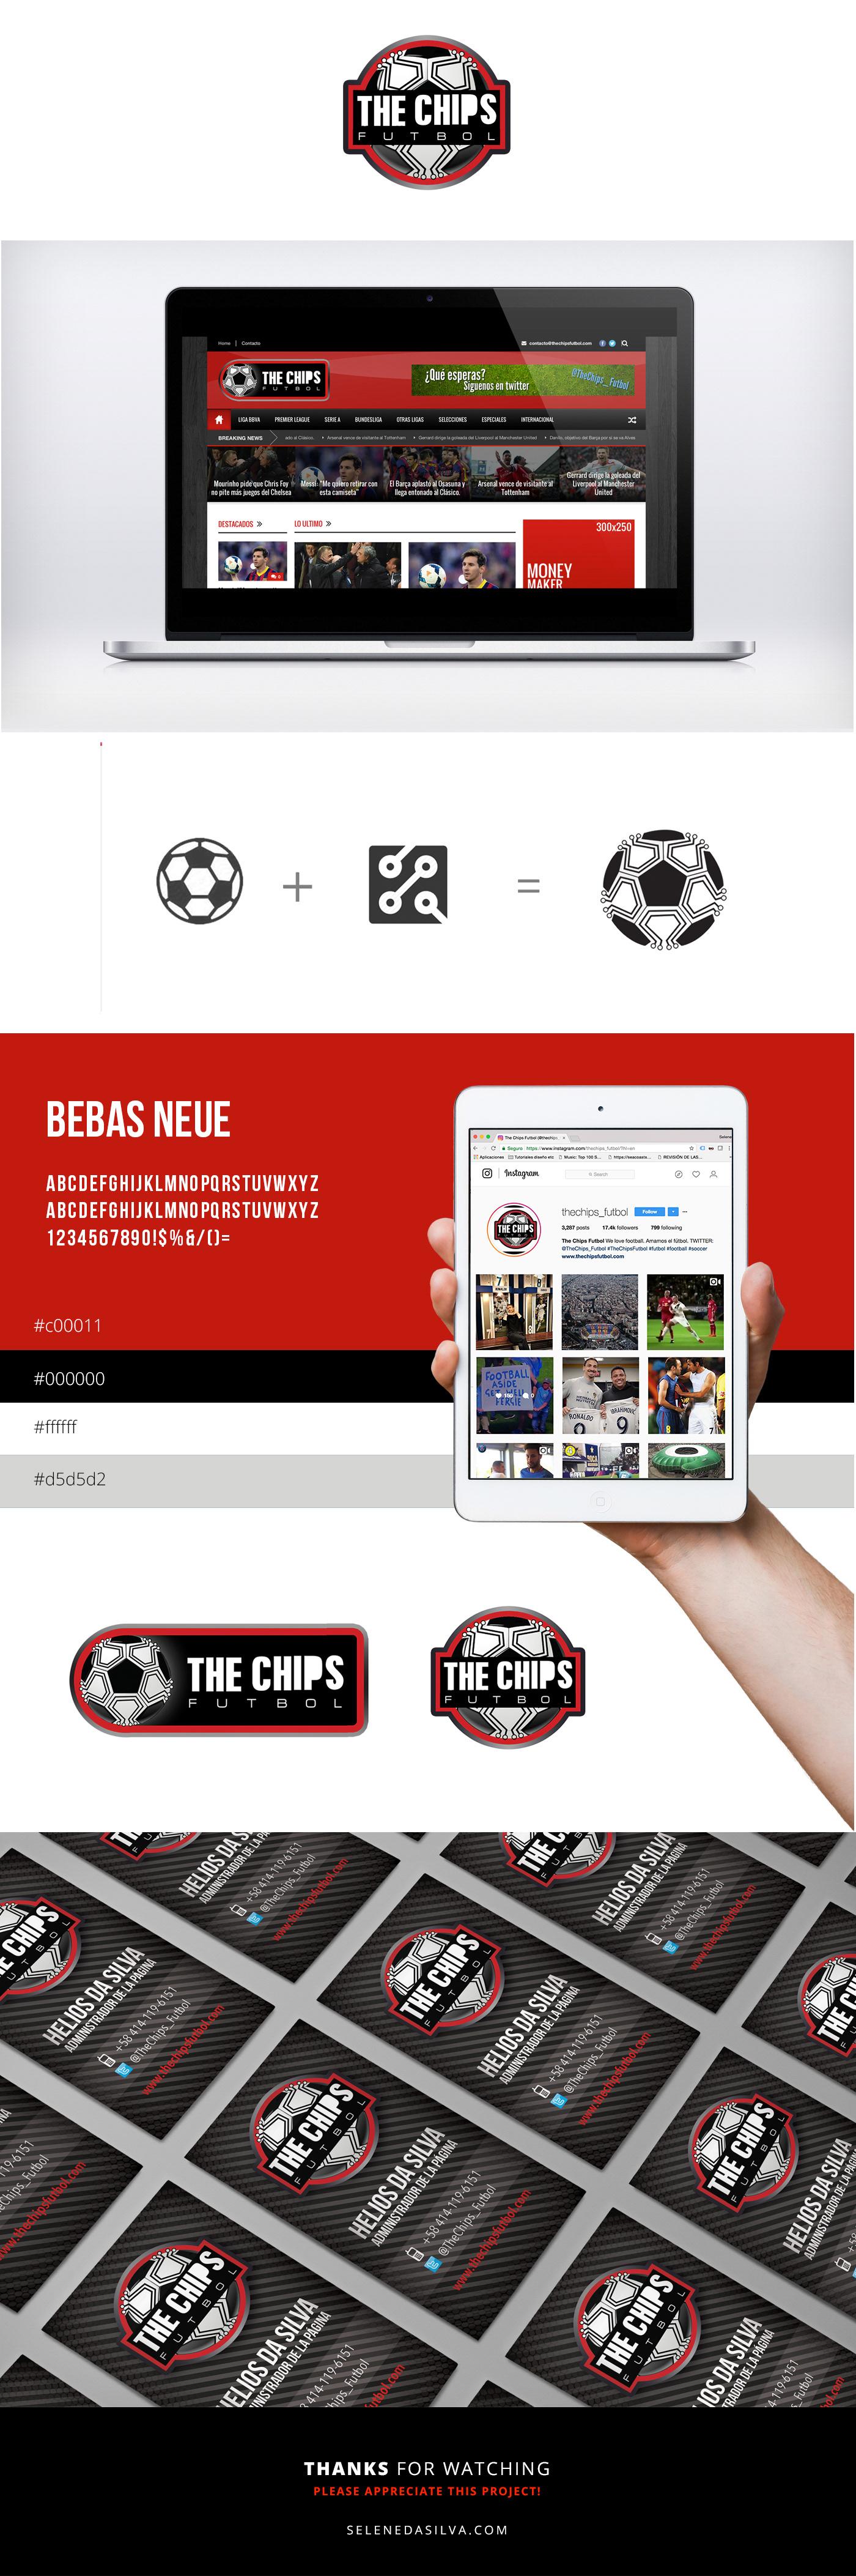 The chips branding